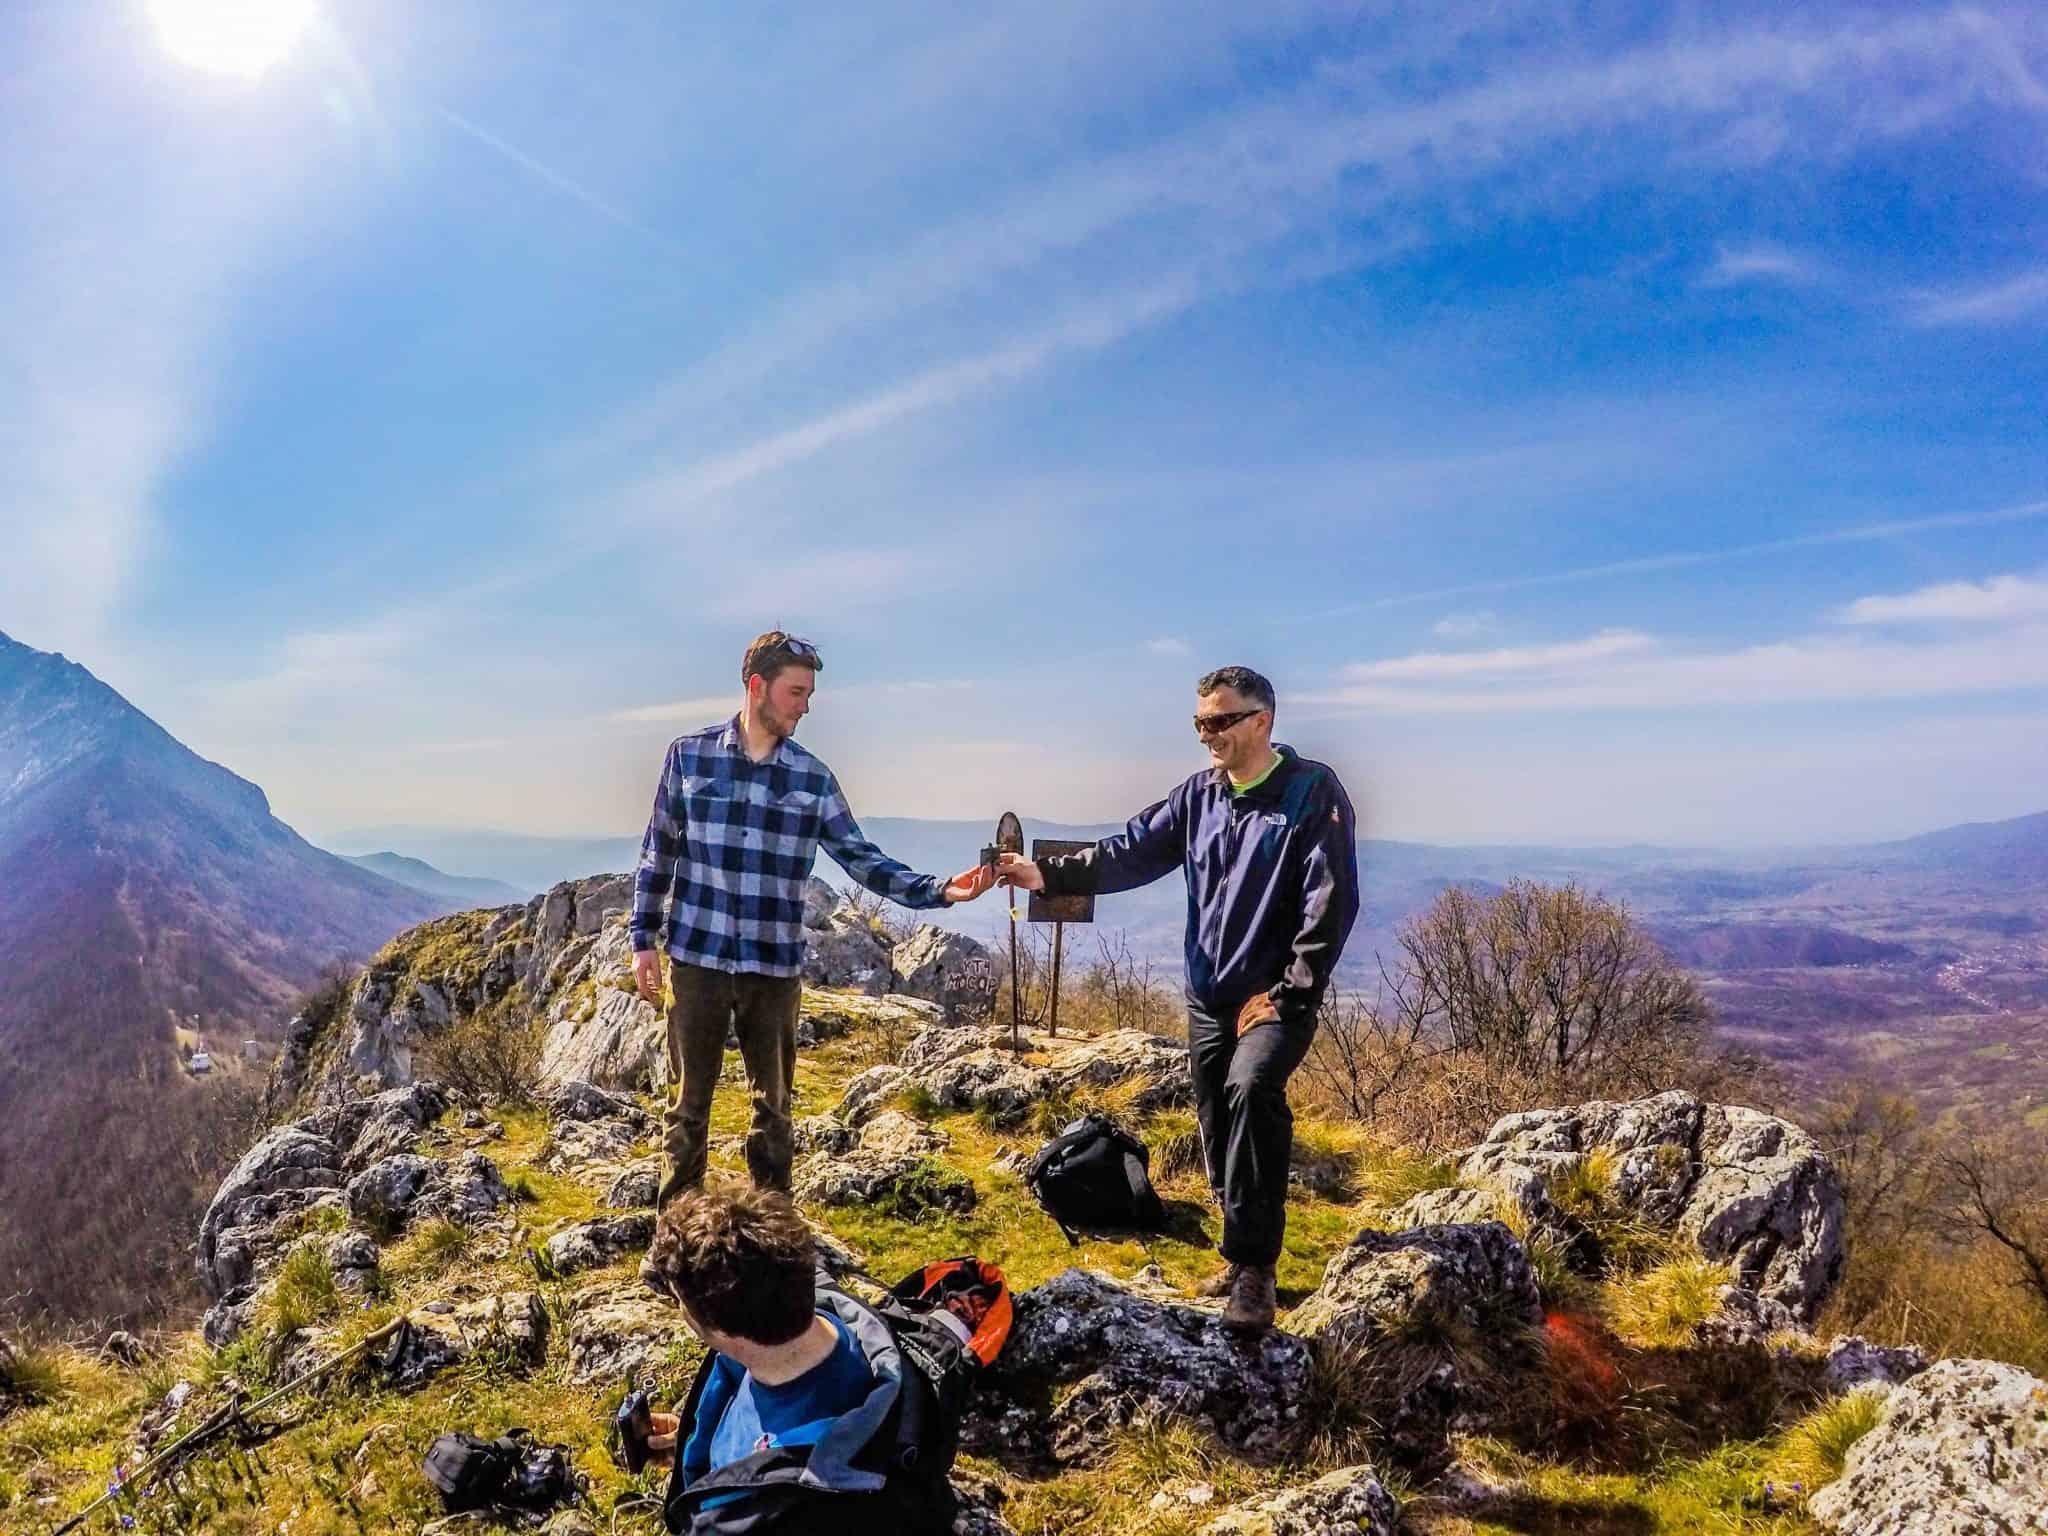 Rakjia on the mountain top